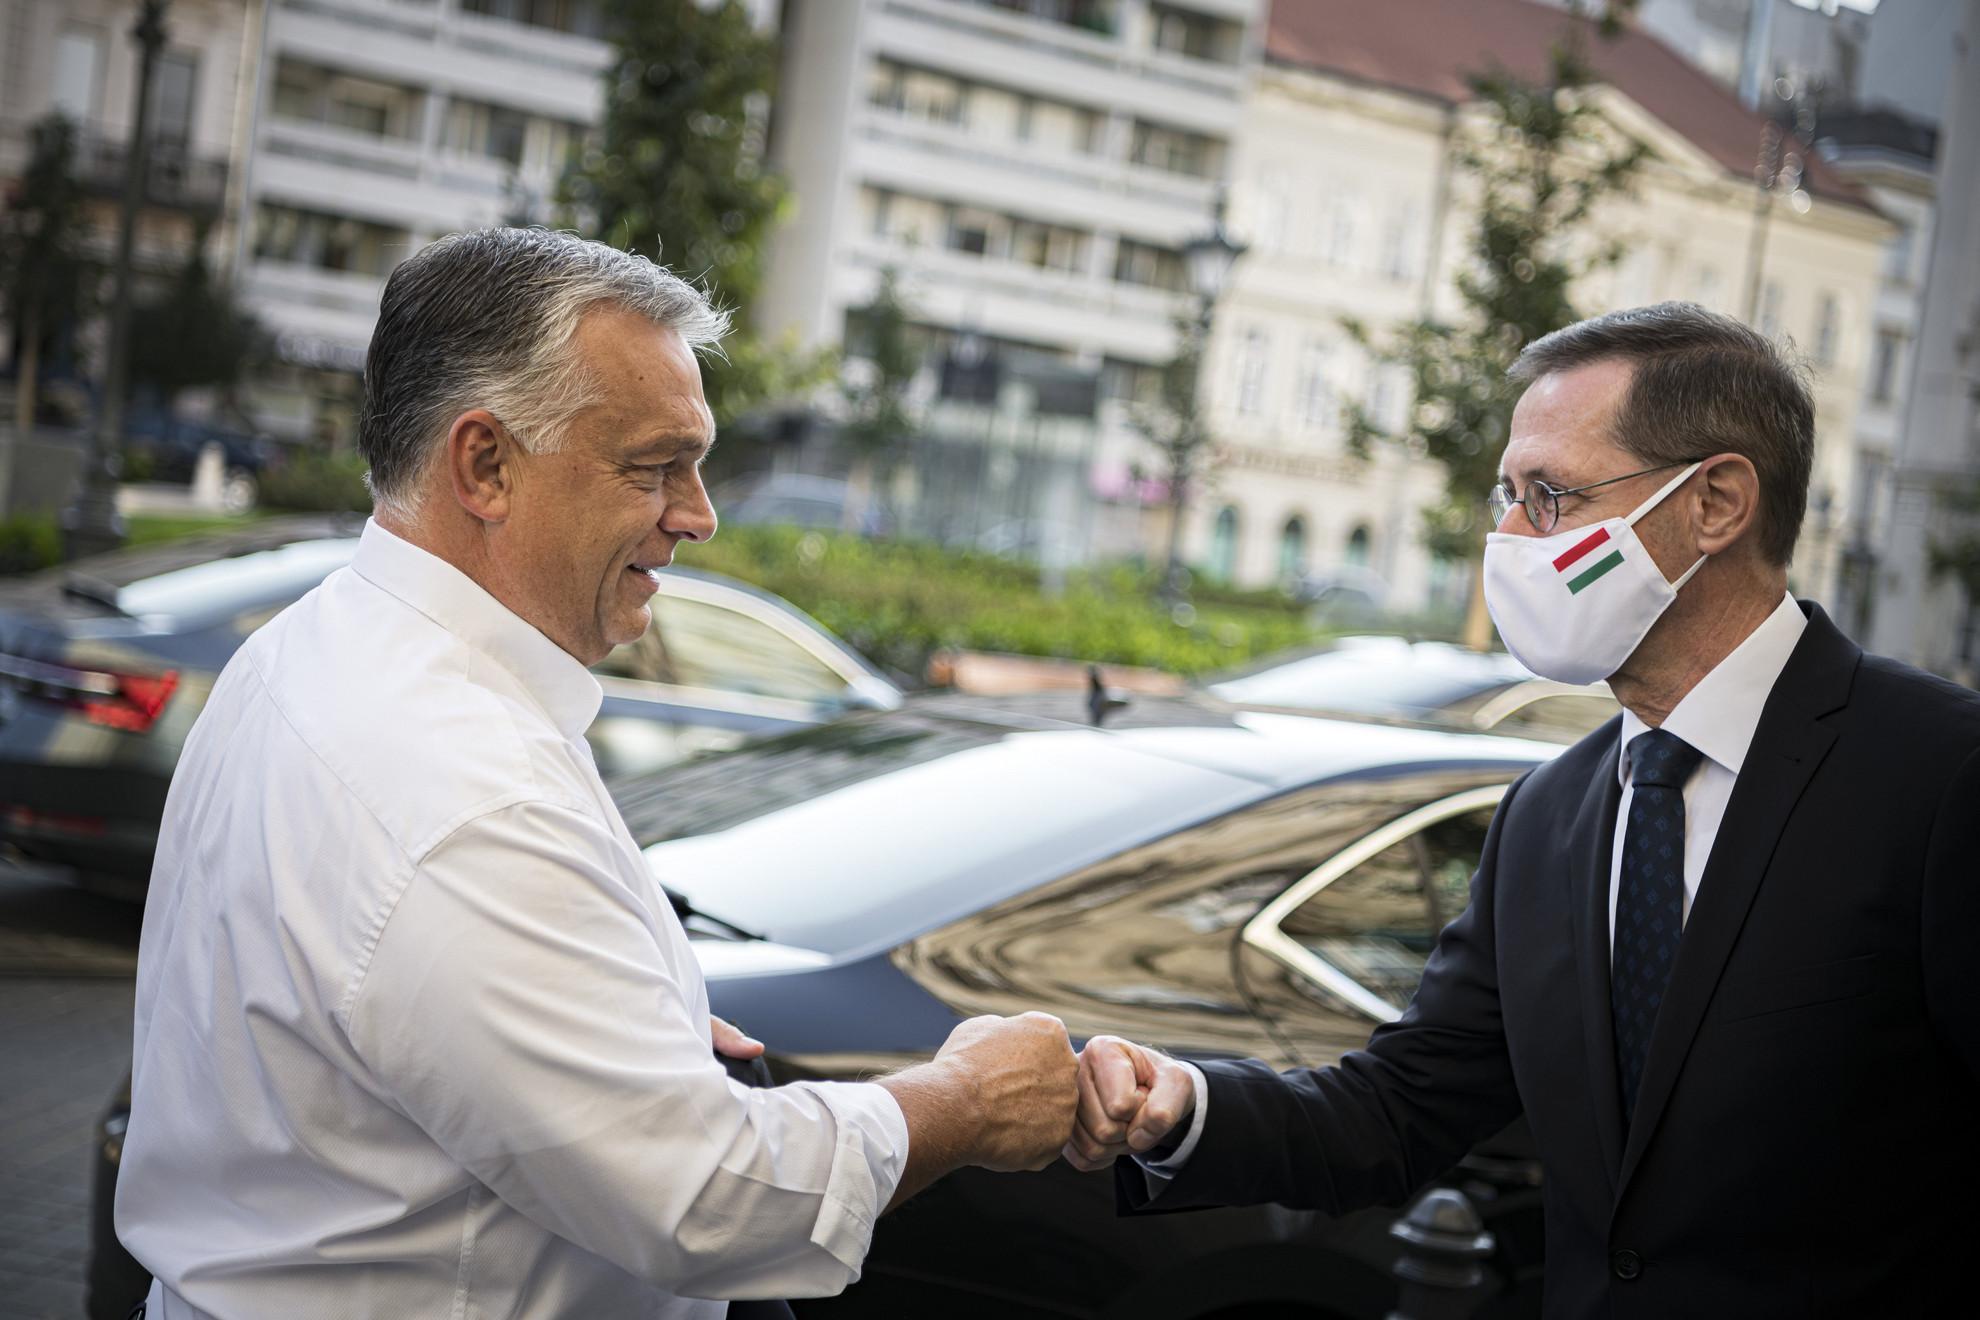 Orbán Viktor miniszterelnököt (b) fogadja Varga Mihály pénzügyminiszter a Gazdaságvédelmi Operatív Törzs ülése előtt Budapesten 2020. szeptember 19-én